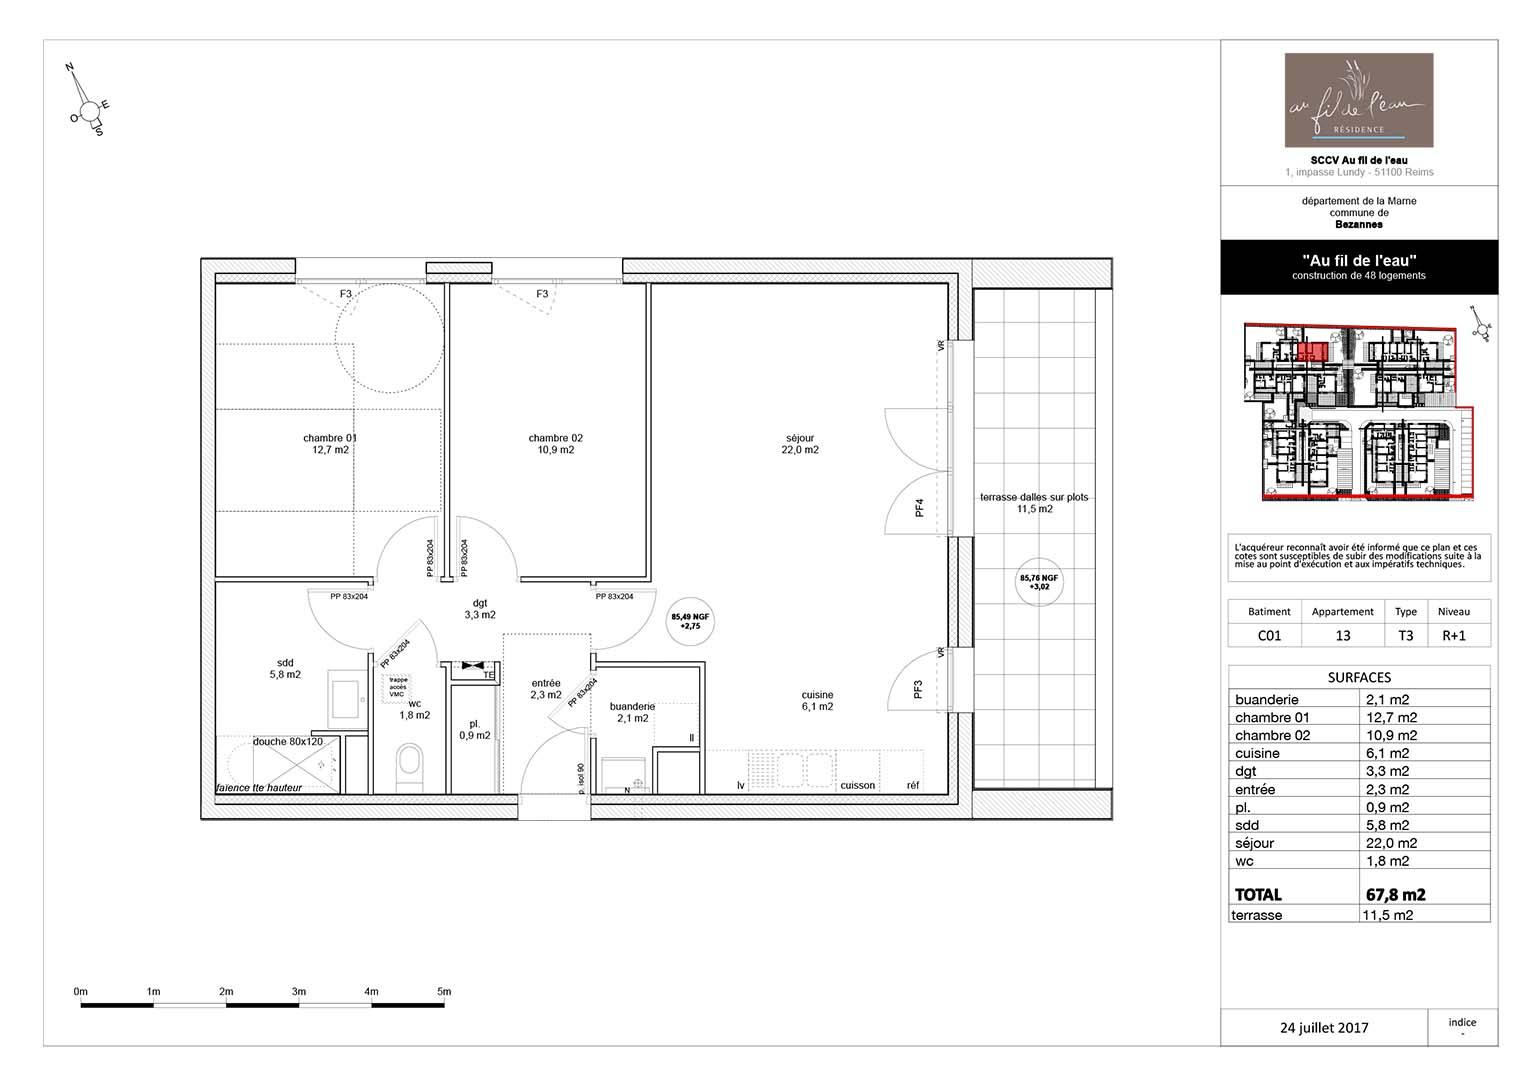 appartement C01-13 de type T3